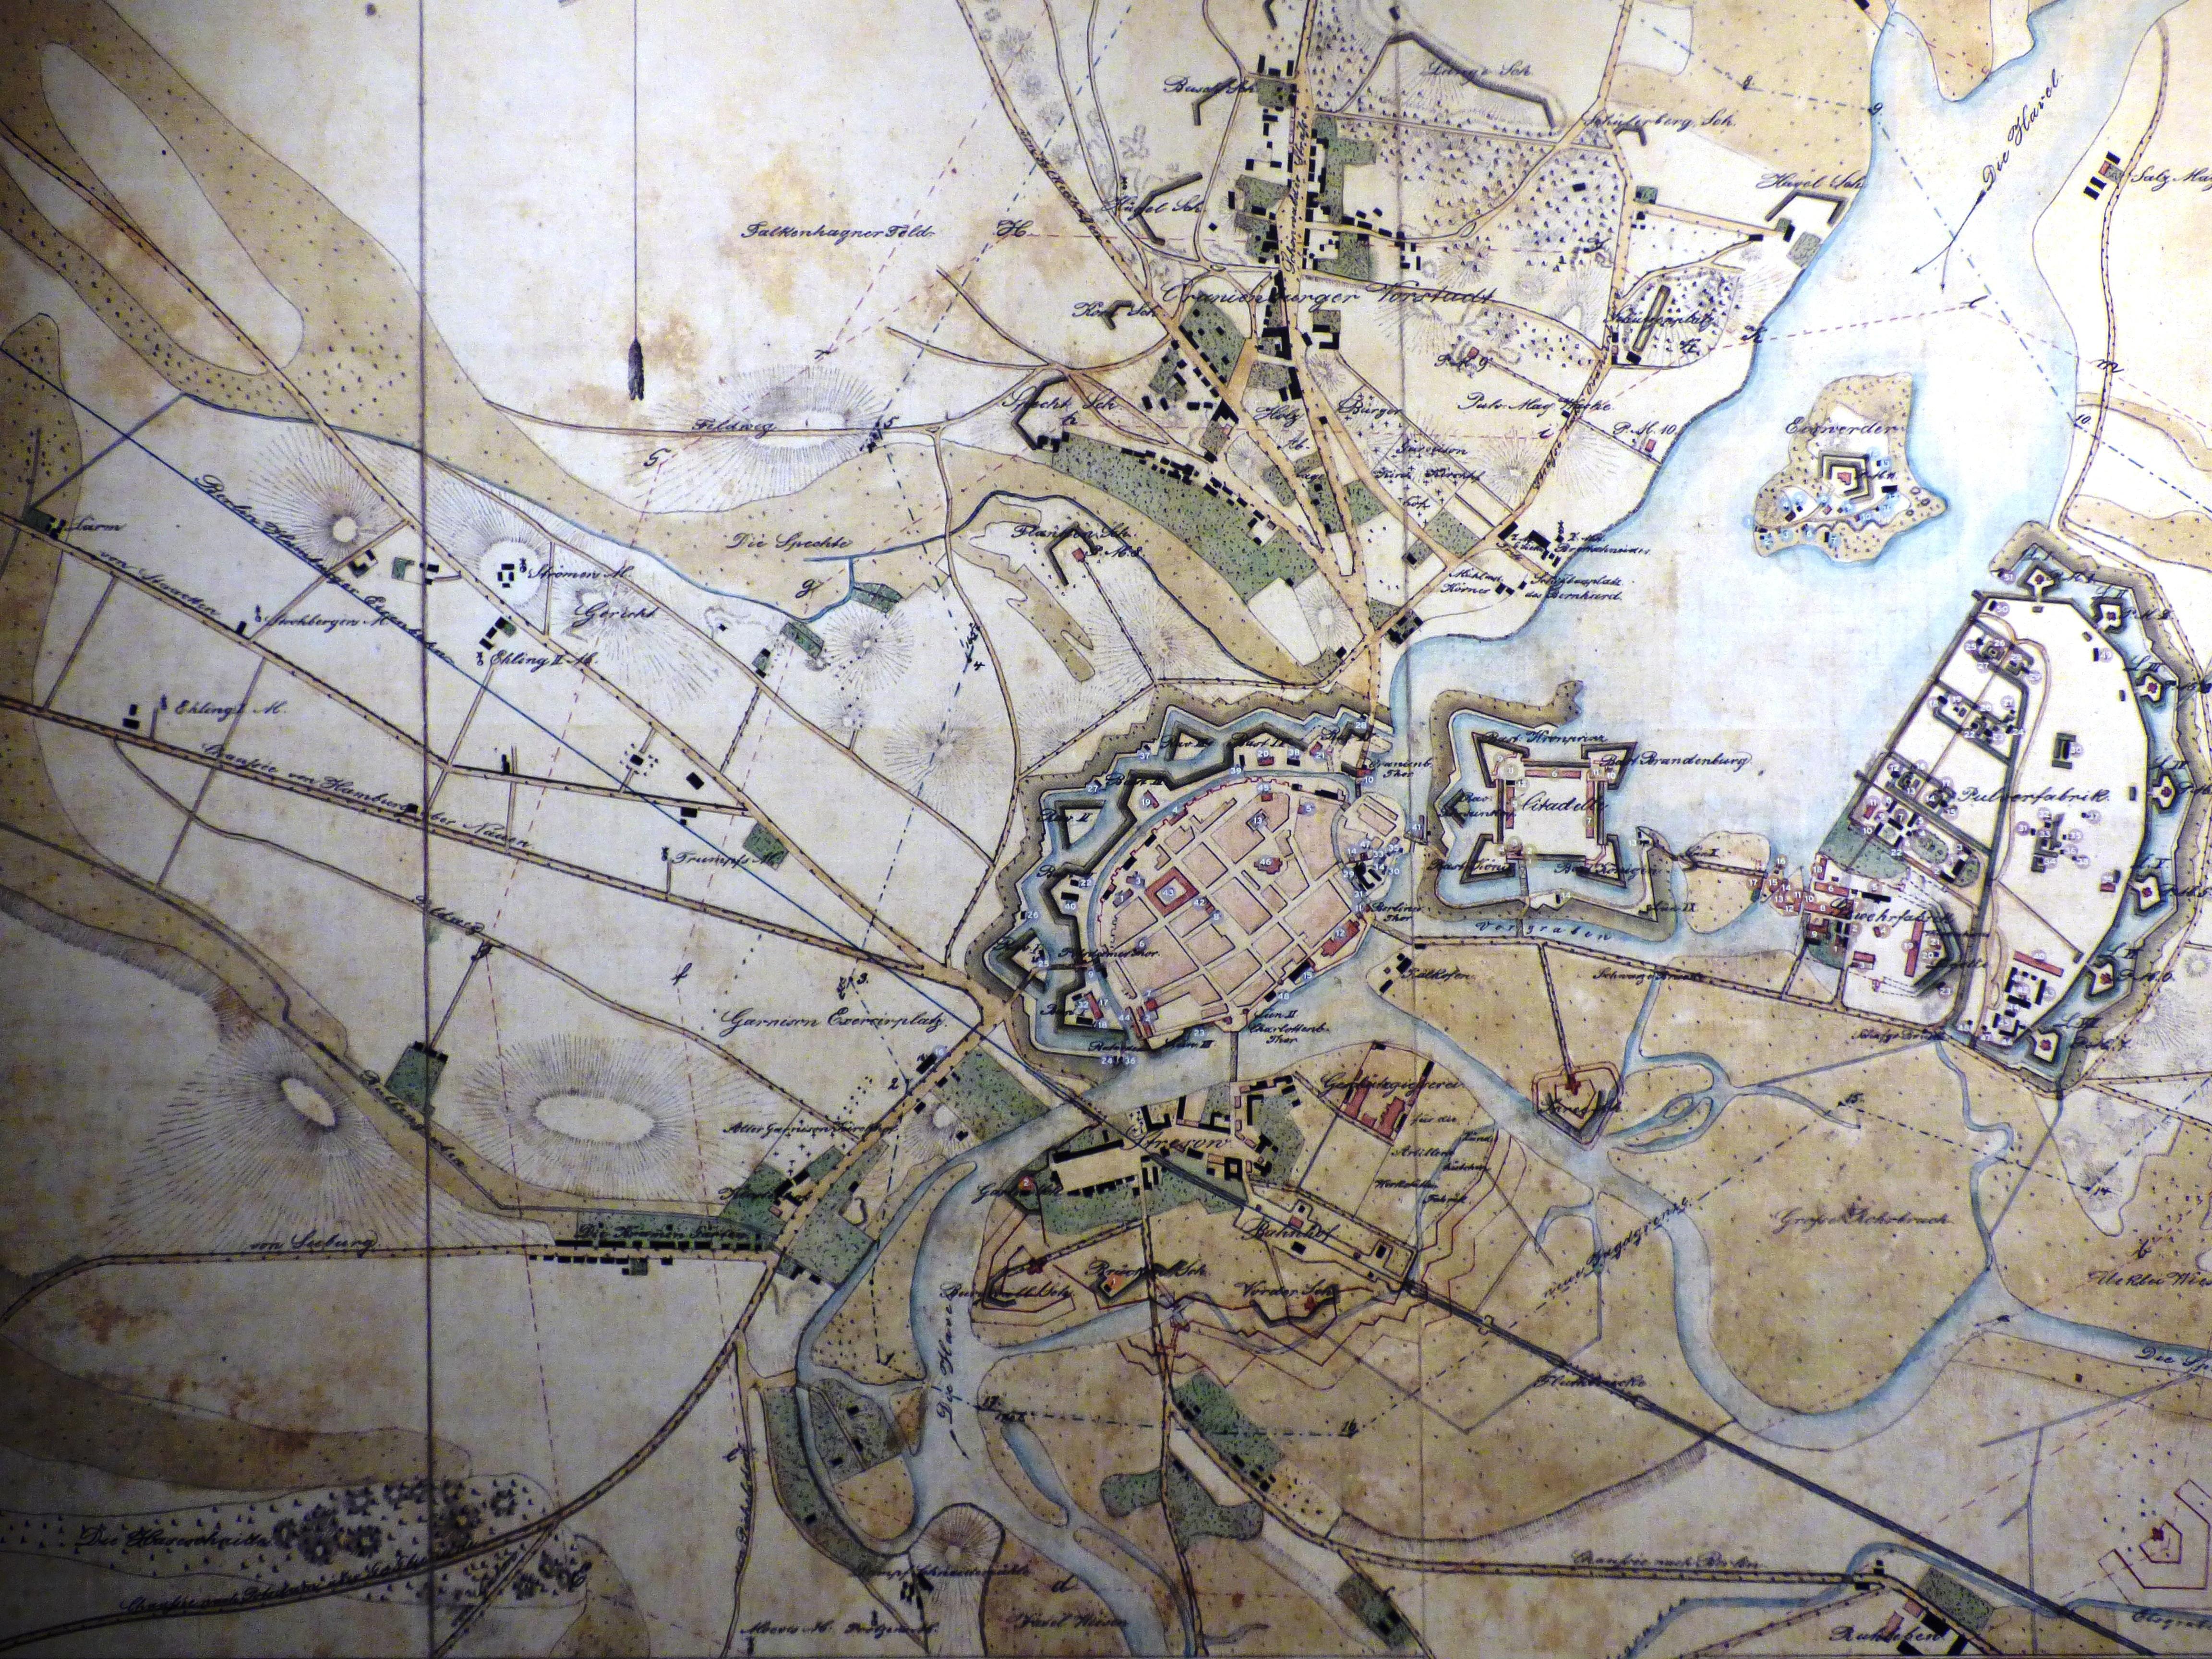 Fotoğraf Eski Anıt Yol Harita Boyama Eskiz çizim Arşiv